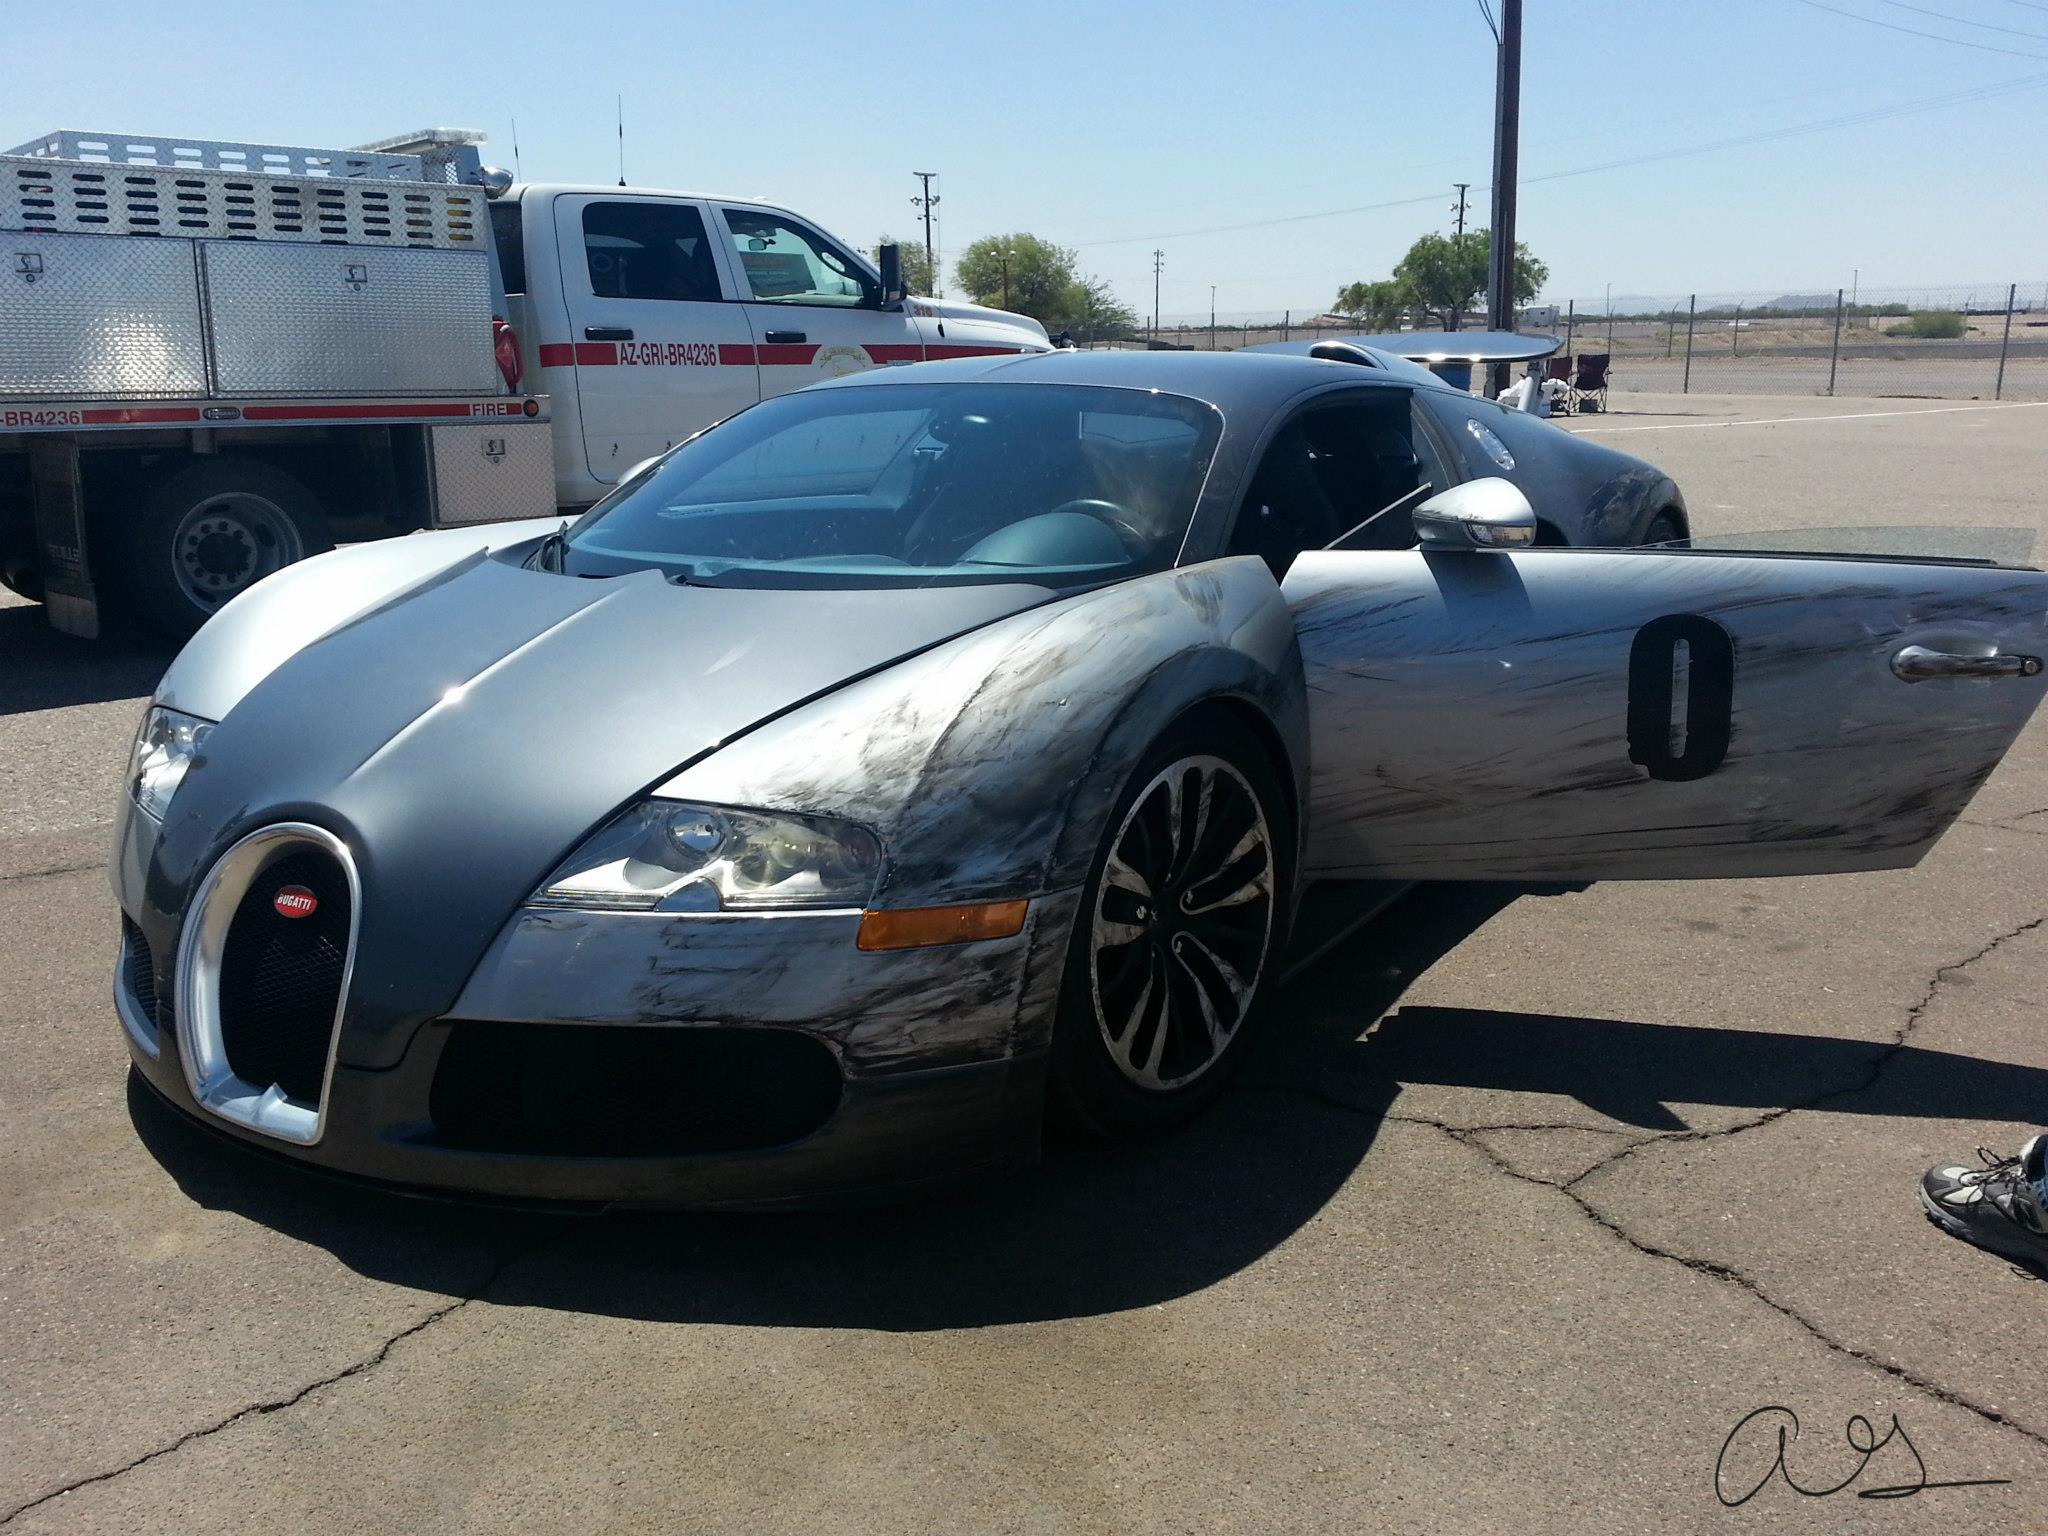 Bugatti Veyron Crash at Firebird Raceway - Autofluence.com